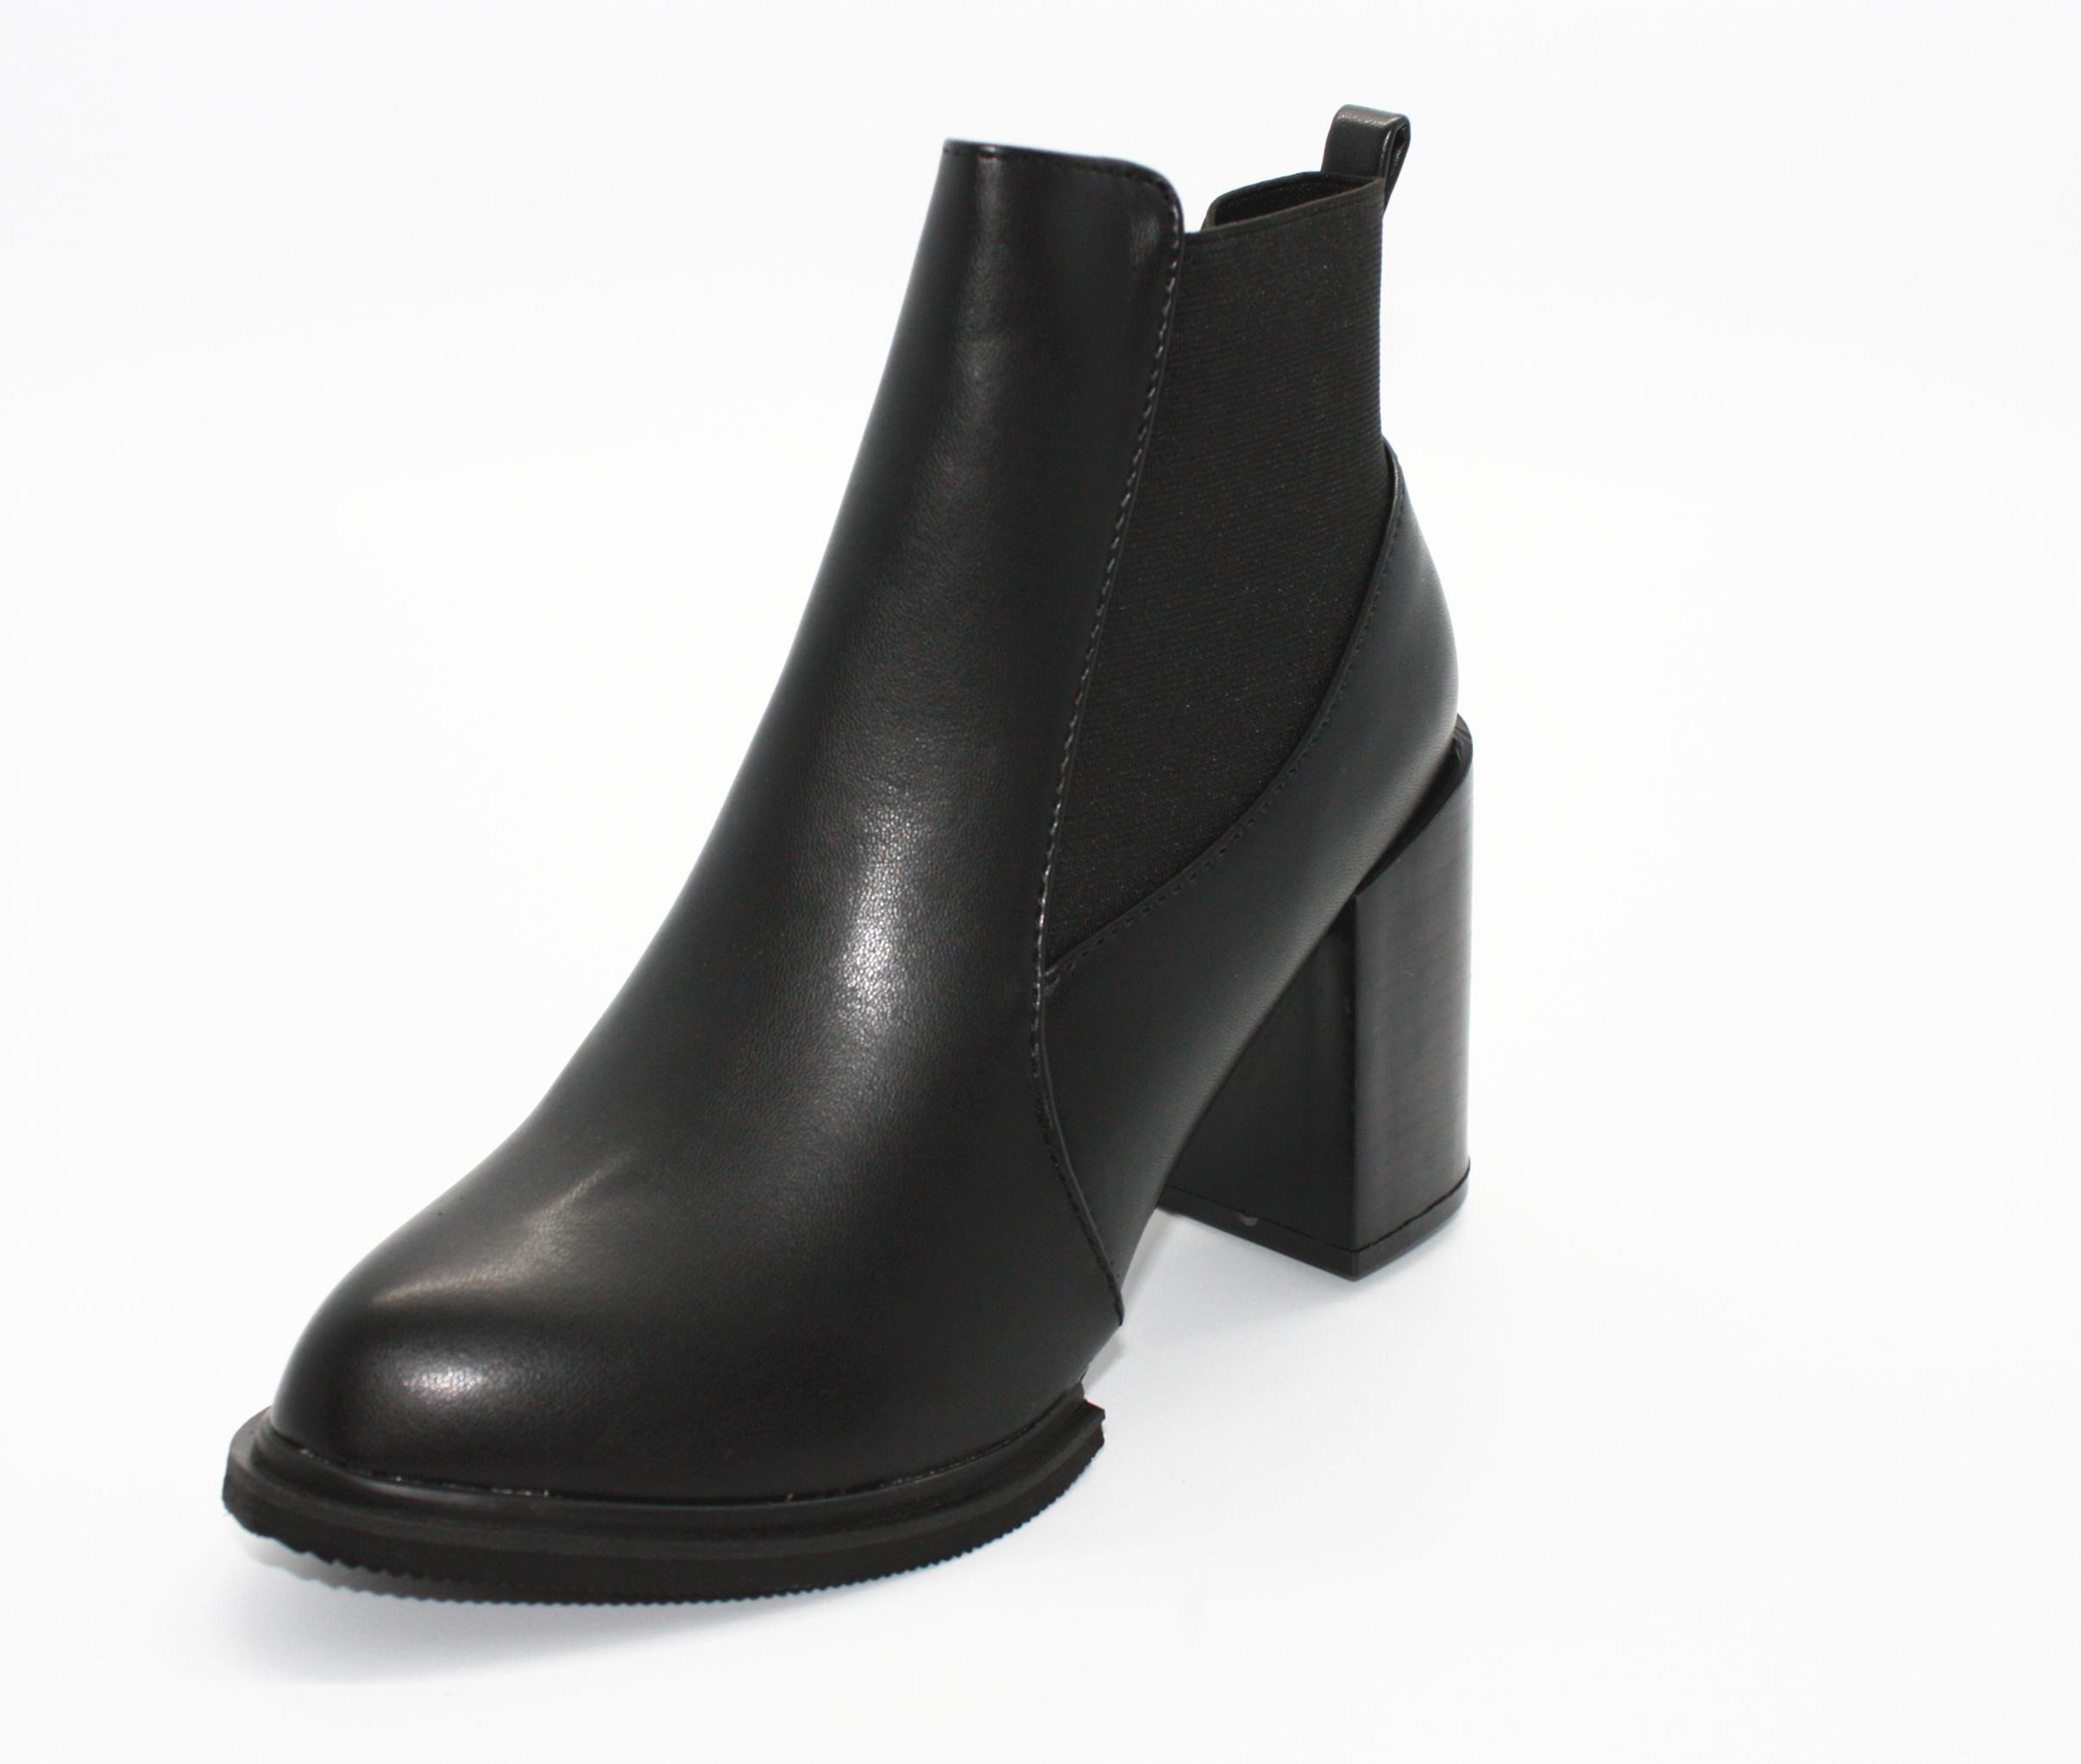 shoe2.jpg